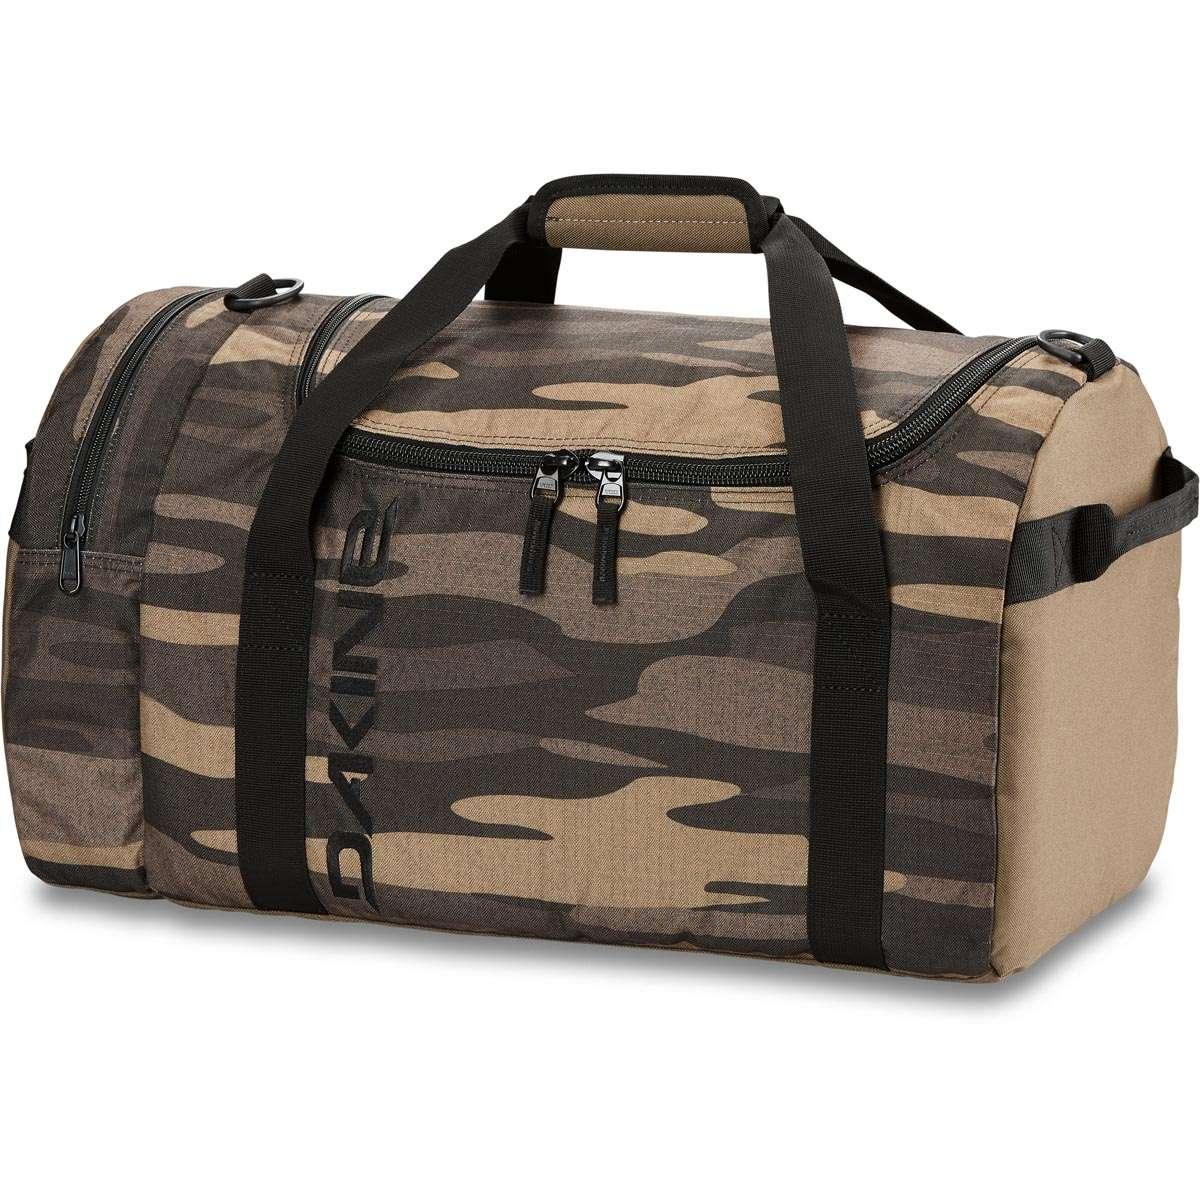 a4e30bbb25147 Dakine EQ Bag 51L Sporttasche Field Camo